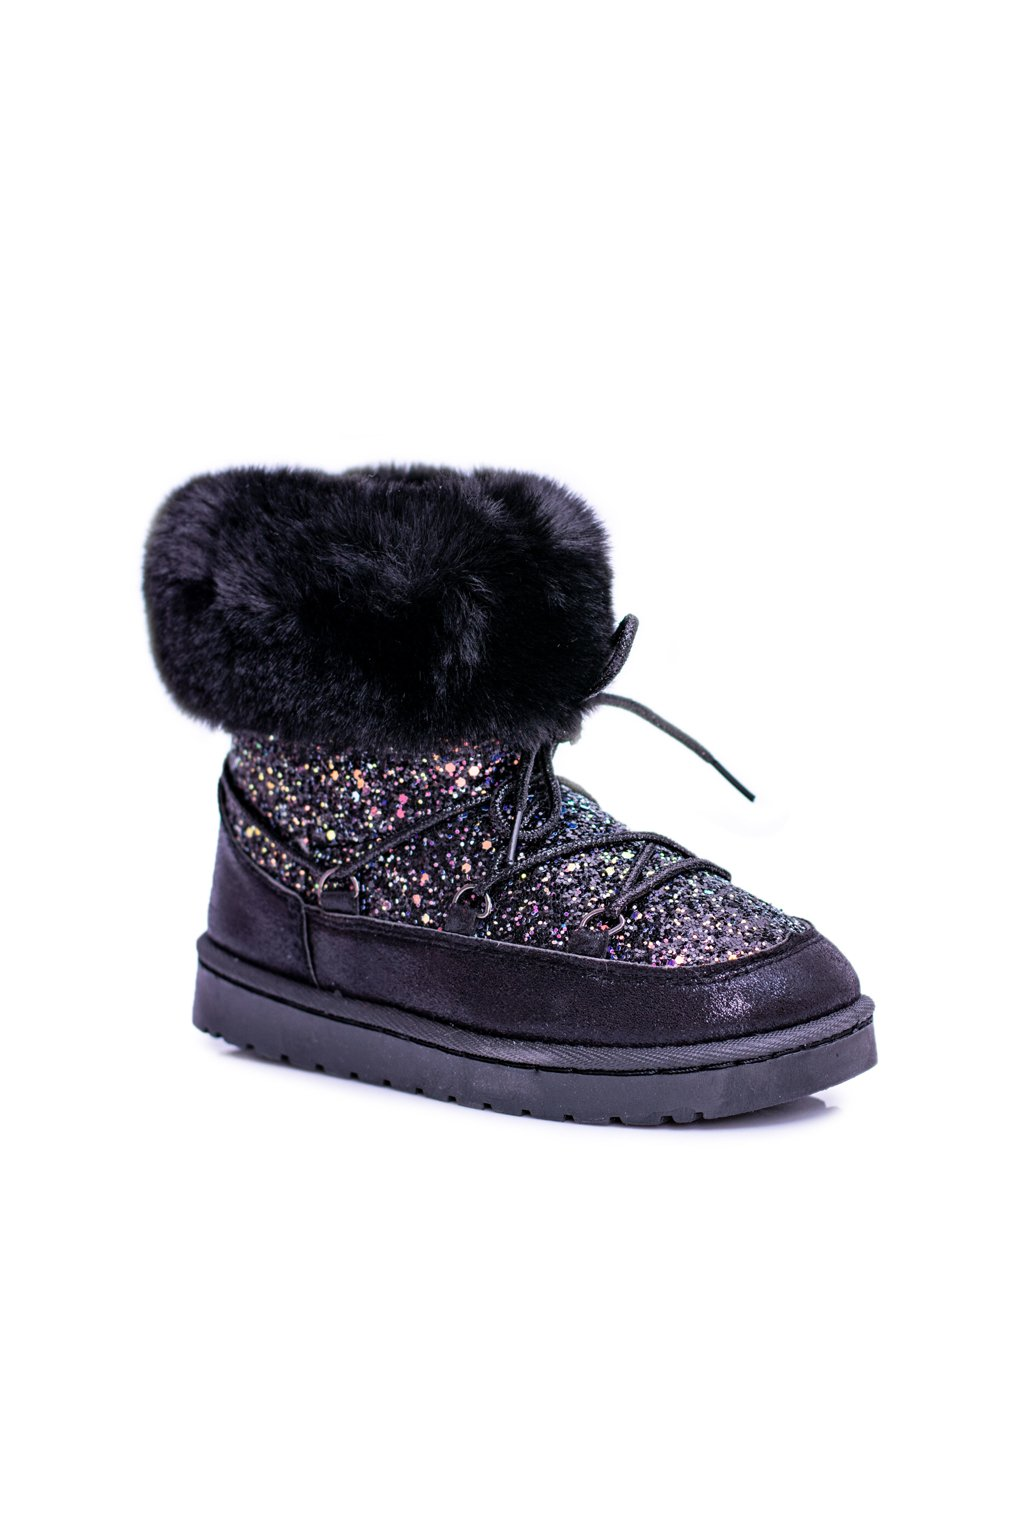 Teplé detské členkové topánky s kožušinou Crystal Fox